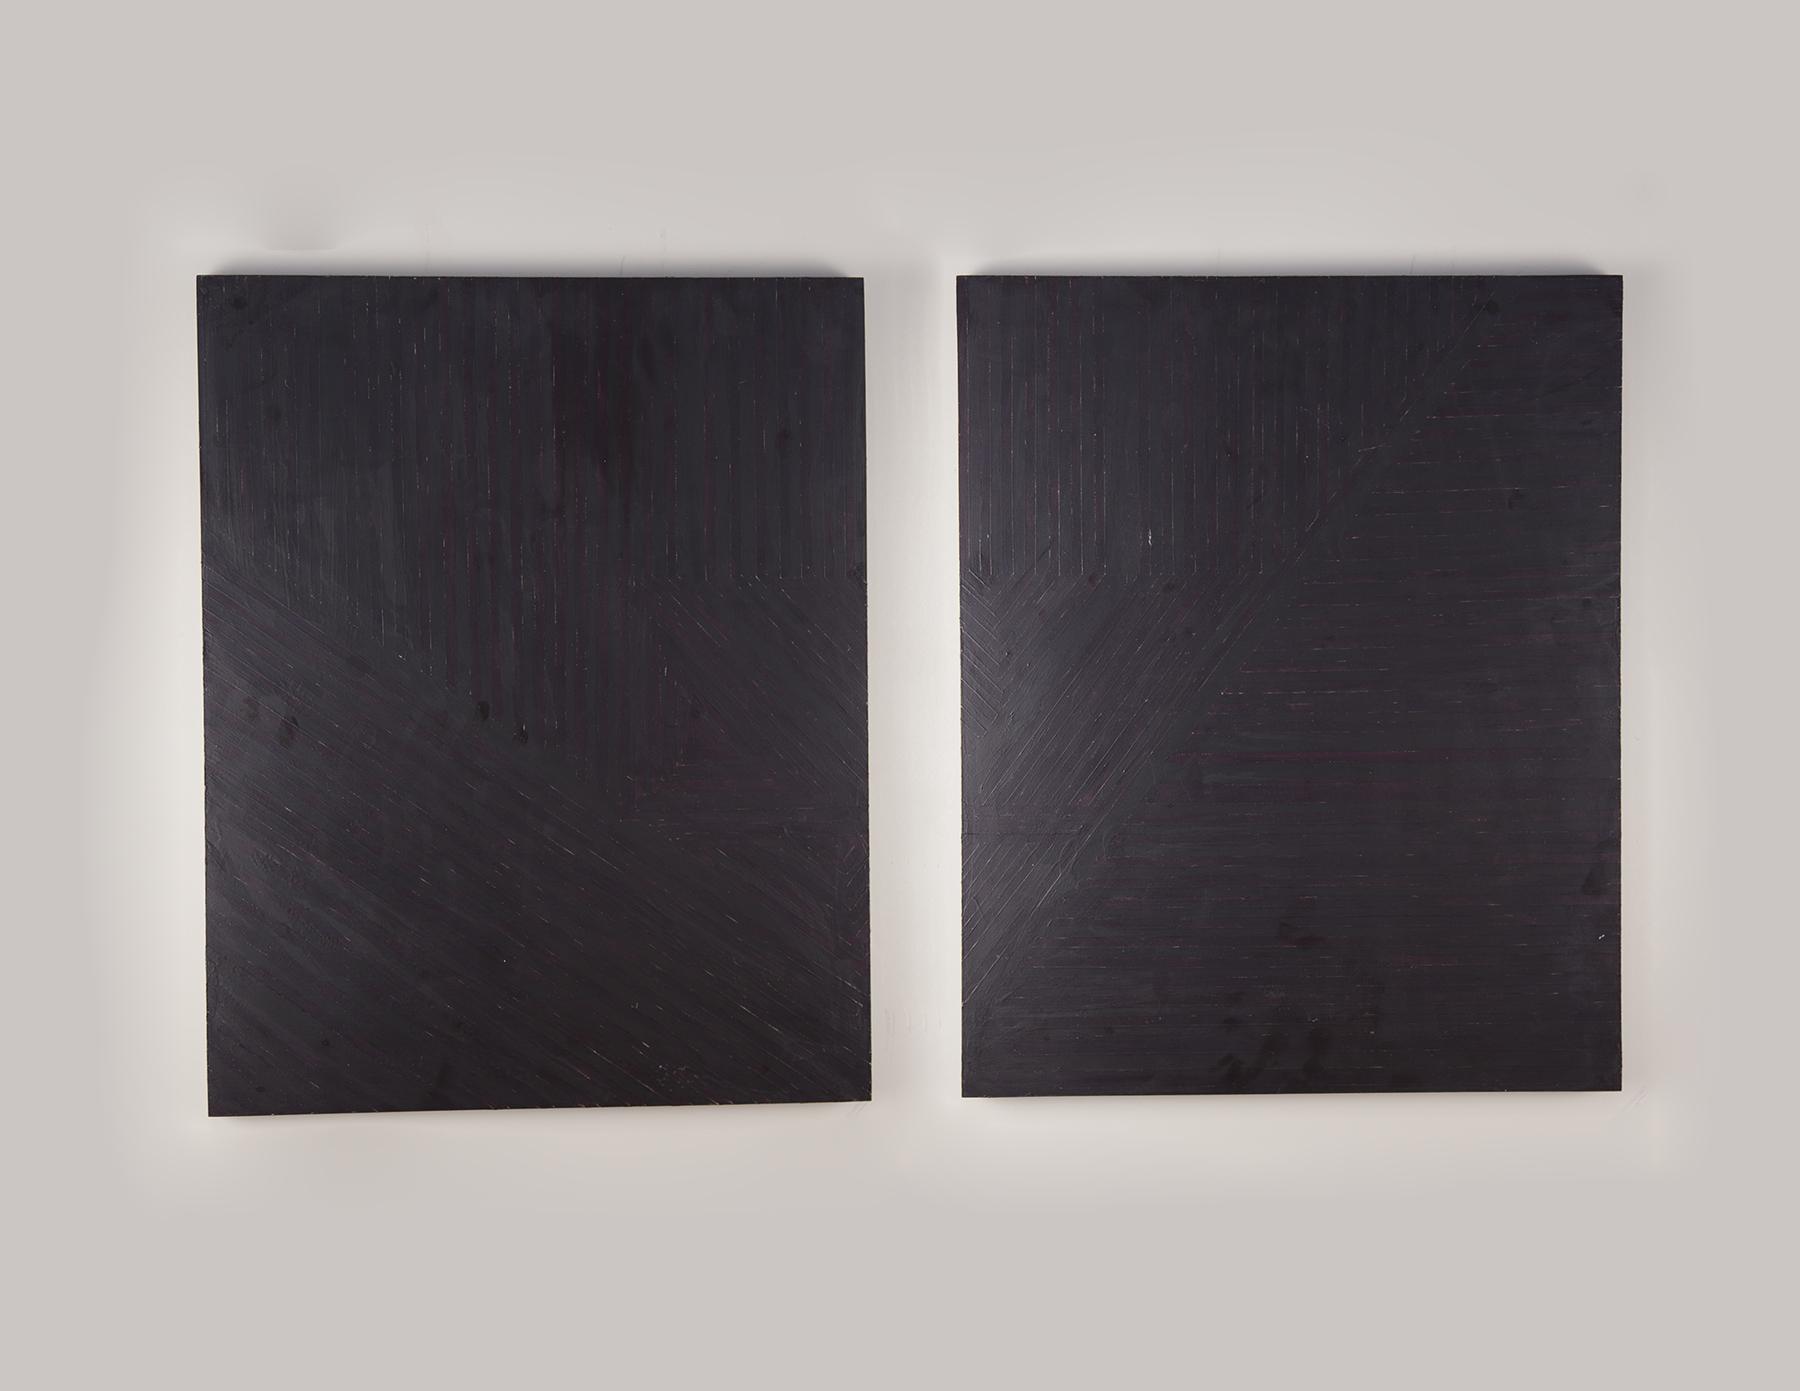 Untitled Black on Black